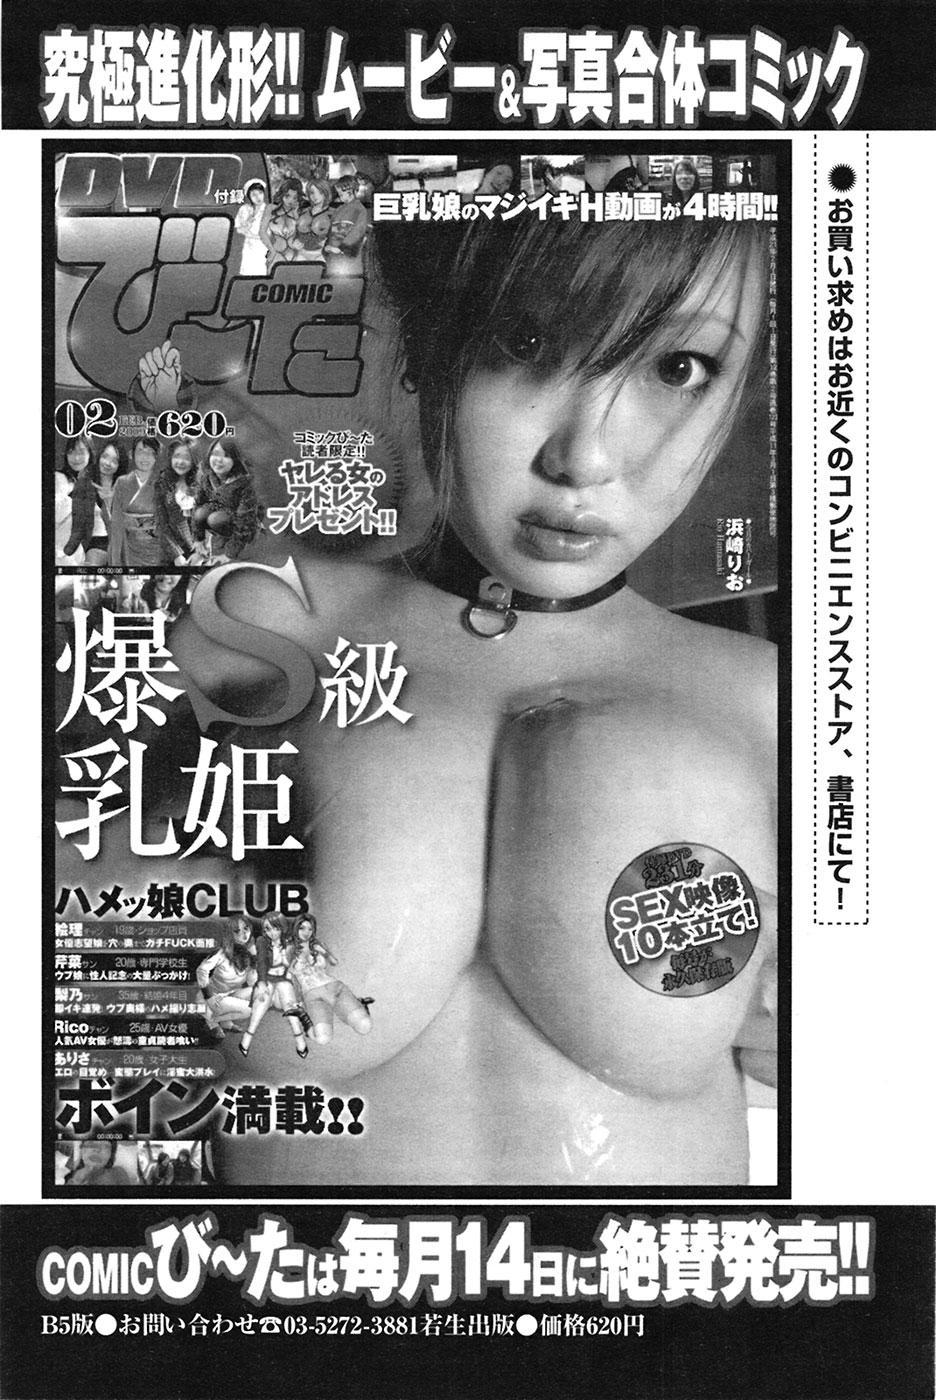 COMIC Purumelo [2009-03] Vol.27 73